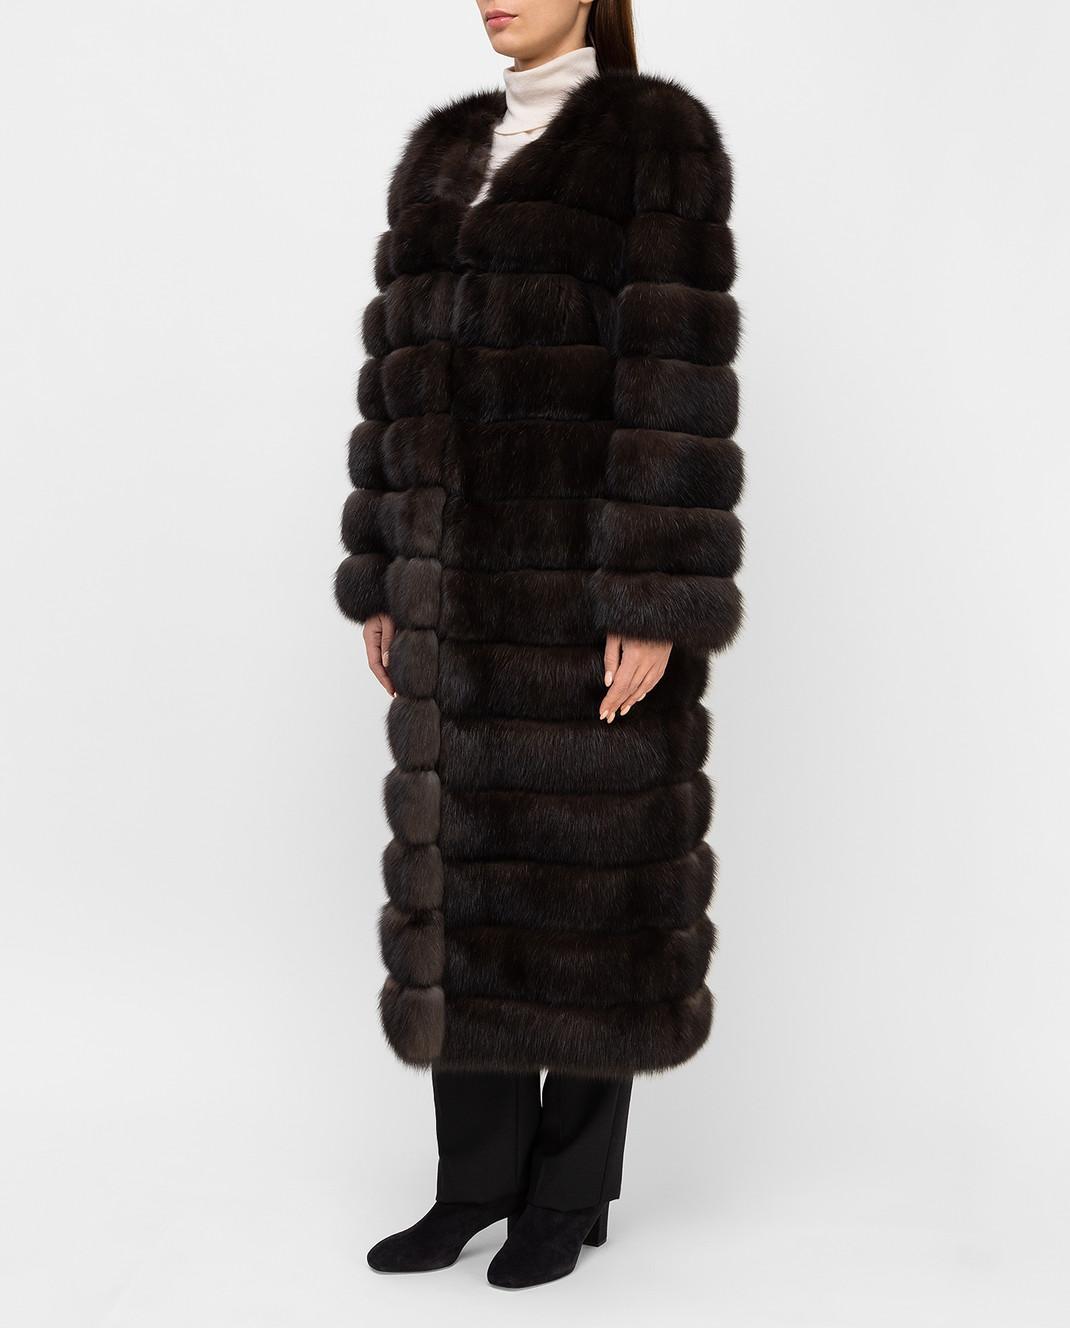 Real Furs House Темно-коричневая шуба из соболя SBR596DARKSILV1 изображение 3